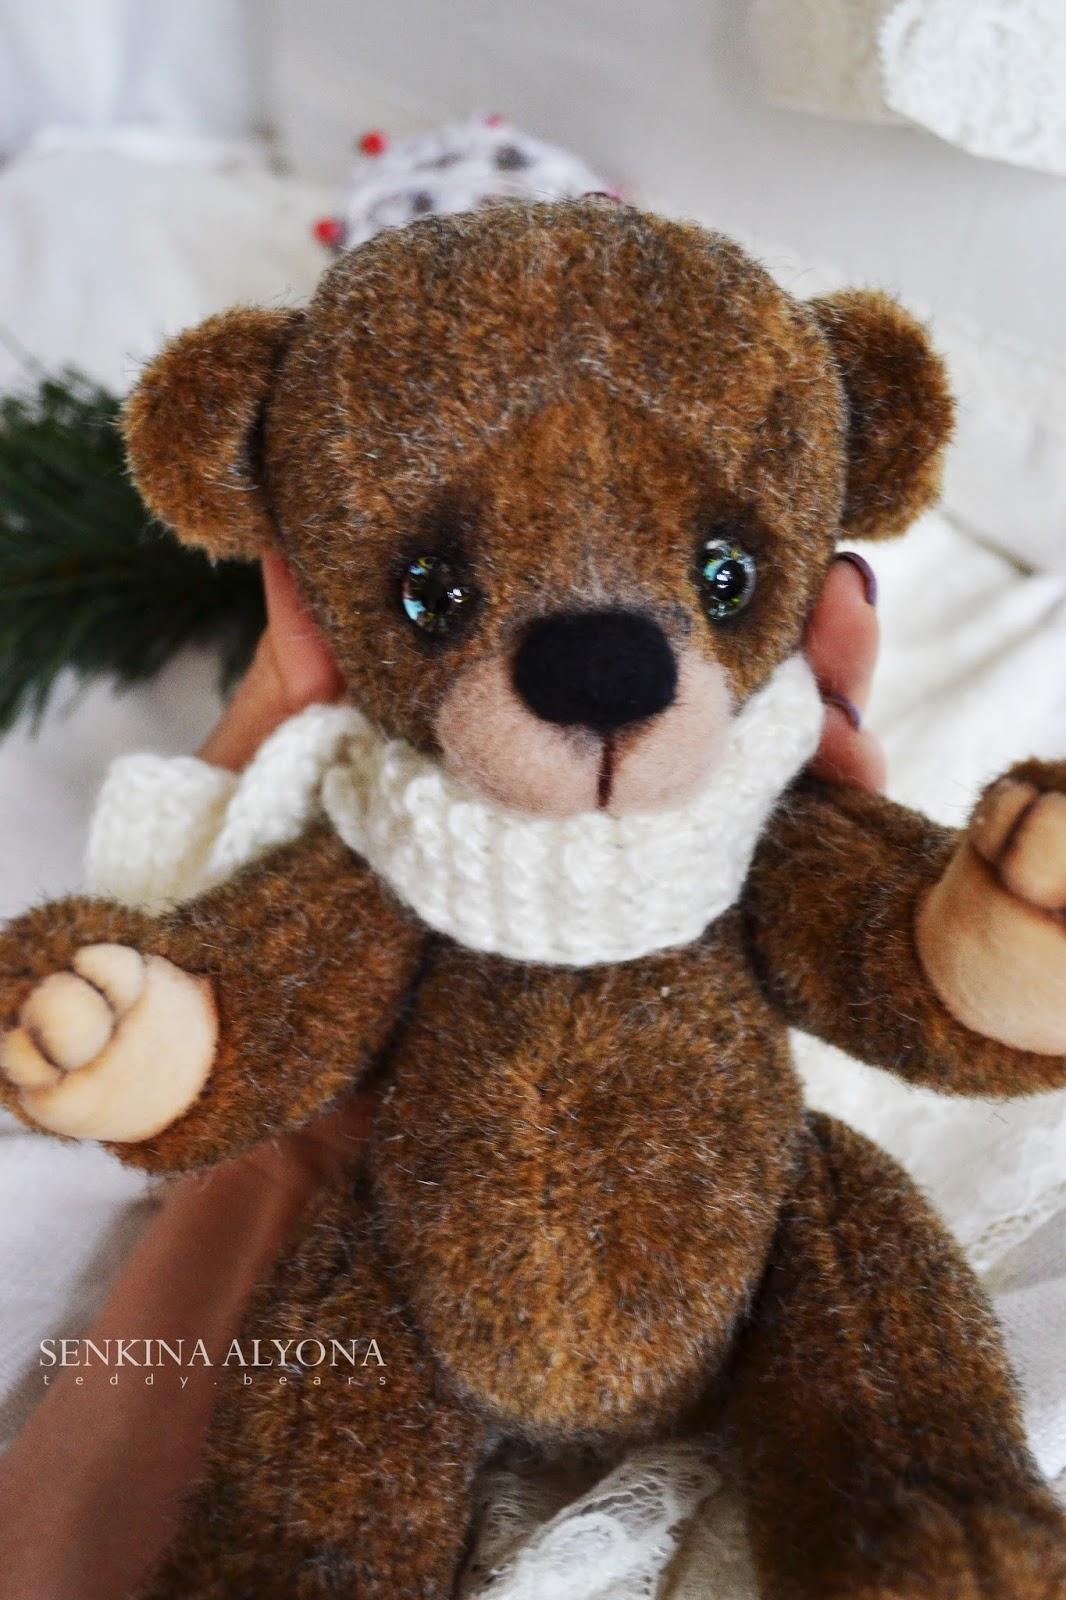 мишка, медведь, новый год, рождество, тедди, мишка тедди, teddy bear, bear, winter bear , christmas, merry christmas, handmade, toy, игрушка ручной работы